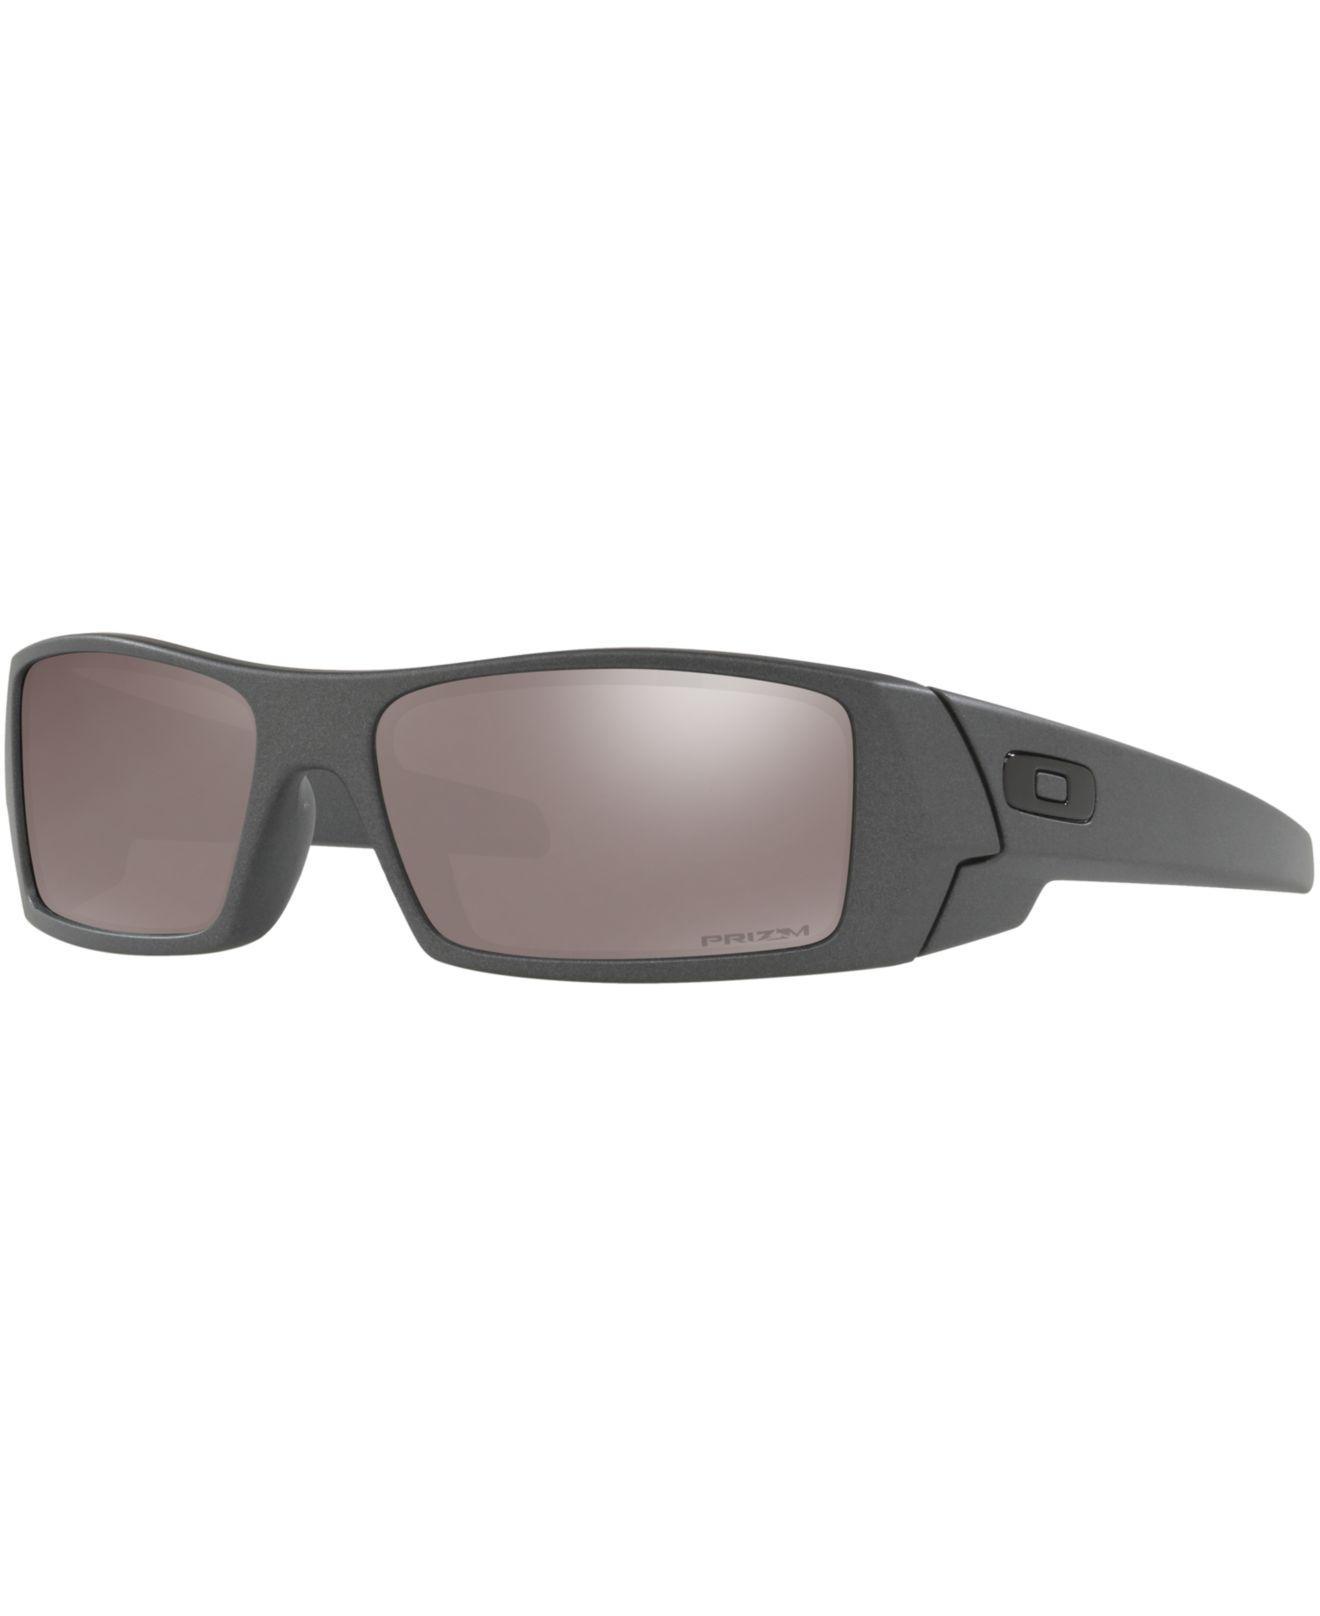 859916a9d8 Lyst - Oakley Gascan Sunglasses